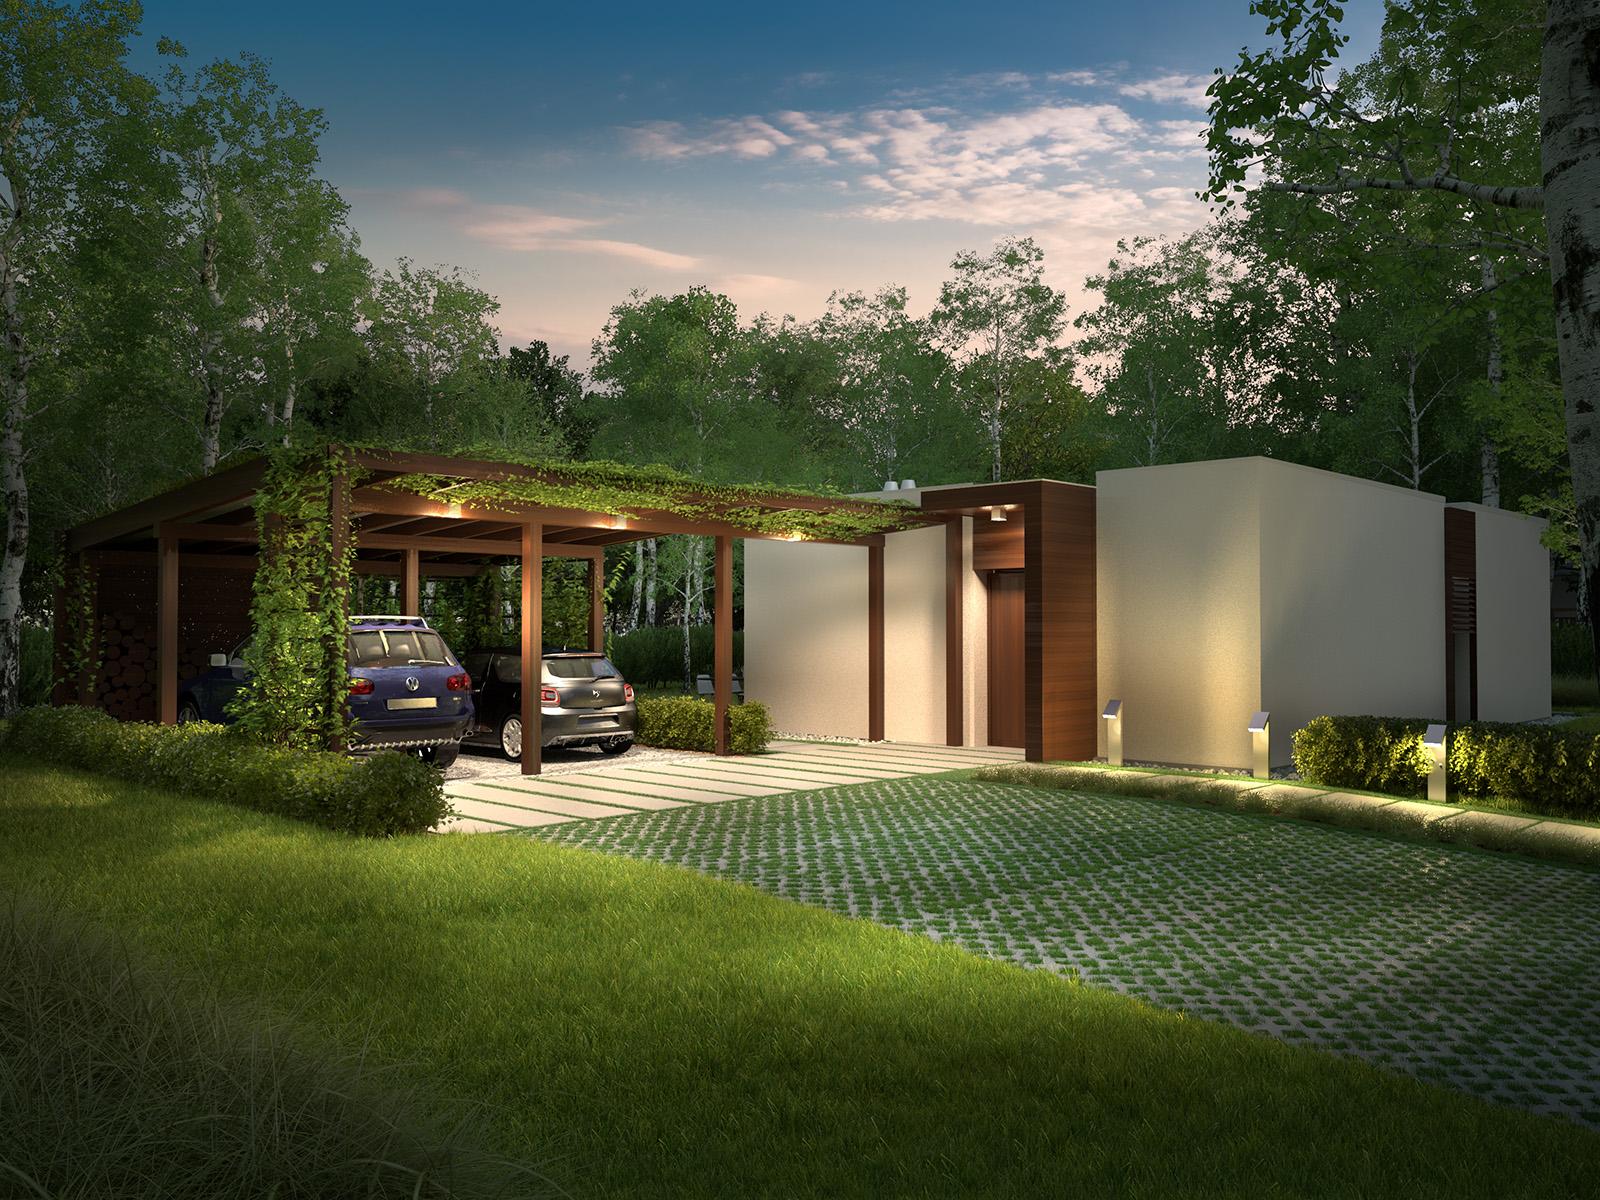 Projekt domu NOWOCZESNY Domy Czystej Energii widok od frontu